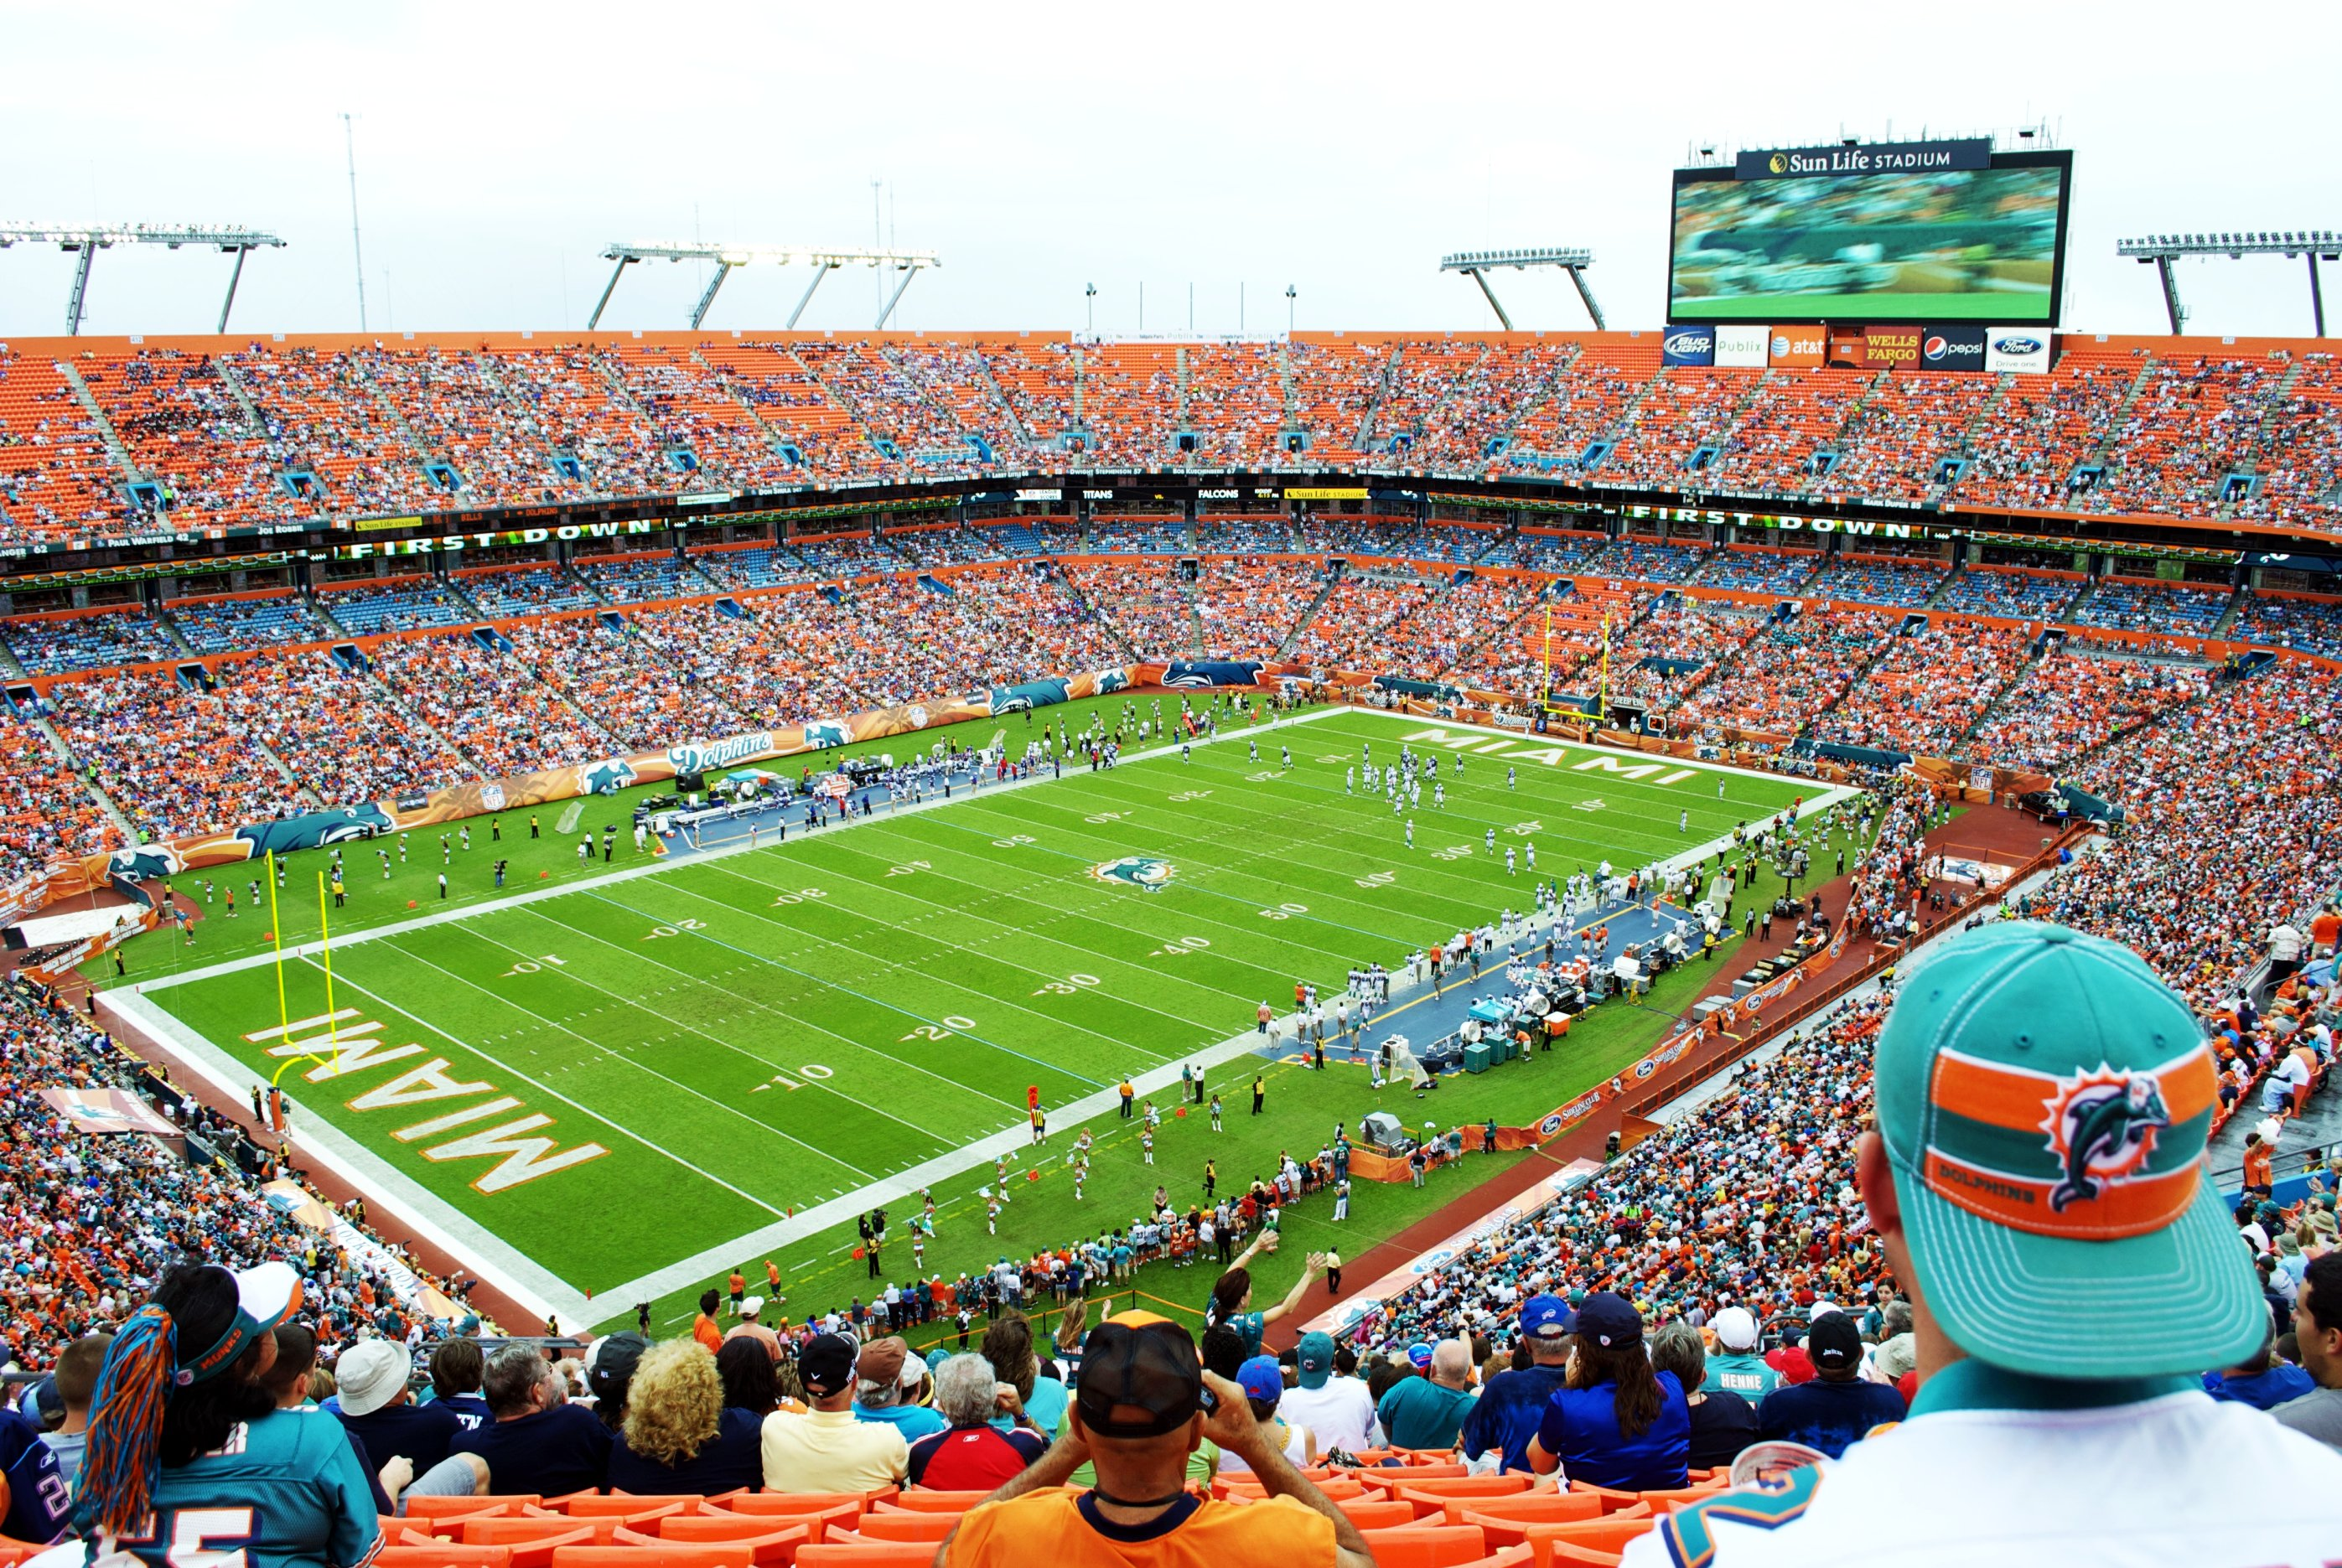 Hard Rock Stadium Miami Dolphins Football Stadium Stadiums Of Pro